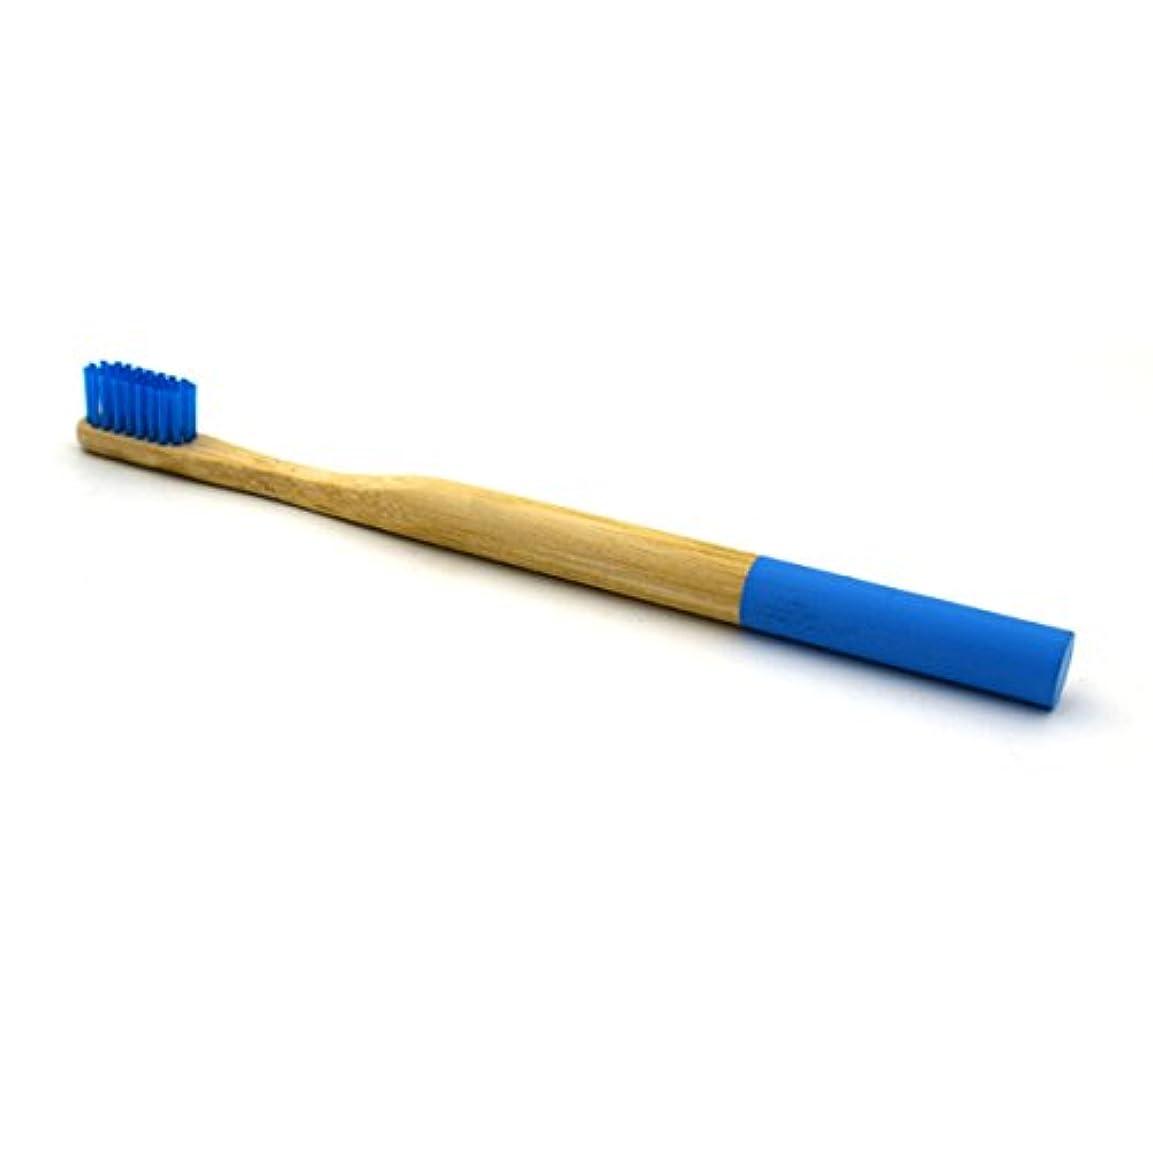 フリッパー優れました分割HEALLILY竹製の歯ブラシ天然木炭竹製の歯ブラシ大人用柔らかい剛毛の歯ブラシ(ブルー)